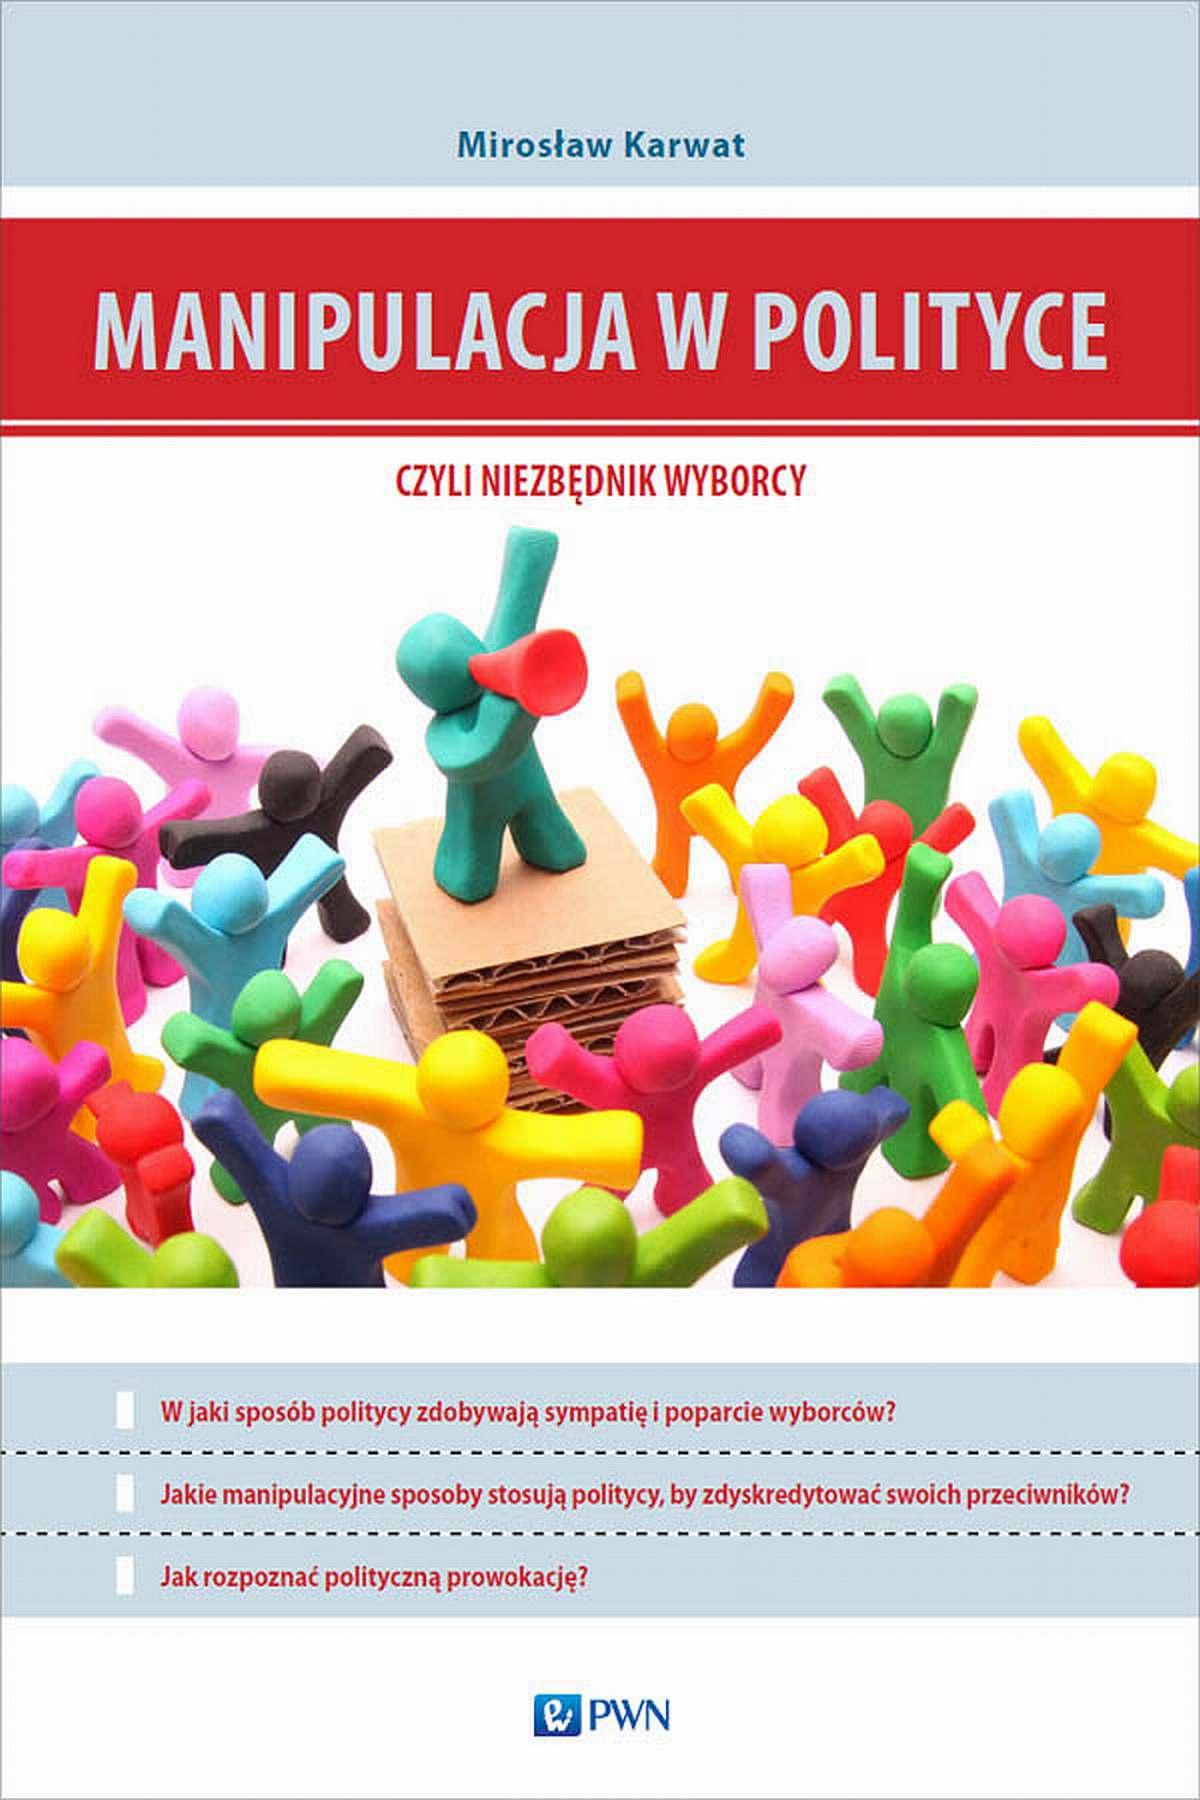 Manipulacja w polityce - niezbędnik wyborcy - Ebook (Książka na Kindle) do pobrania w formacie MOBI